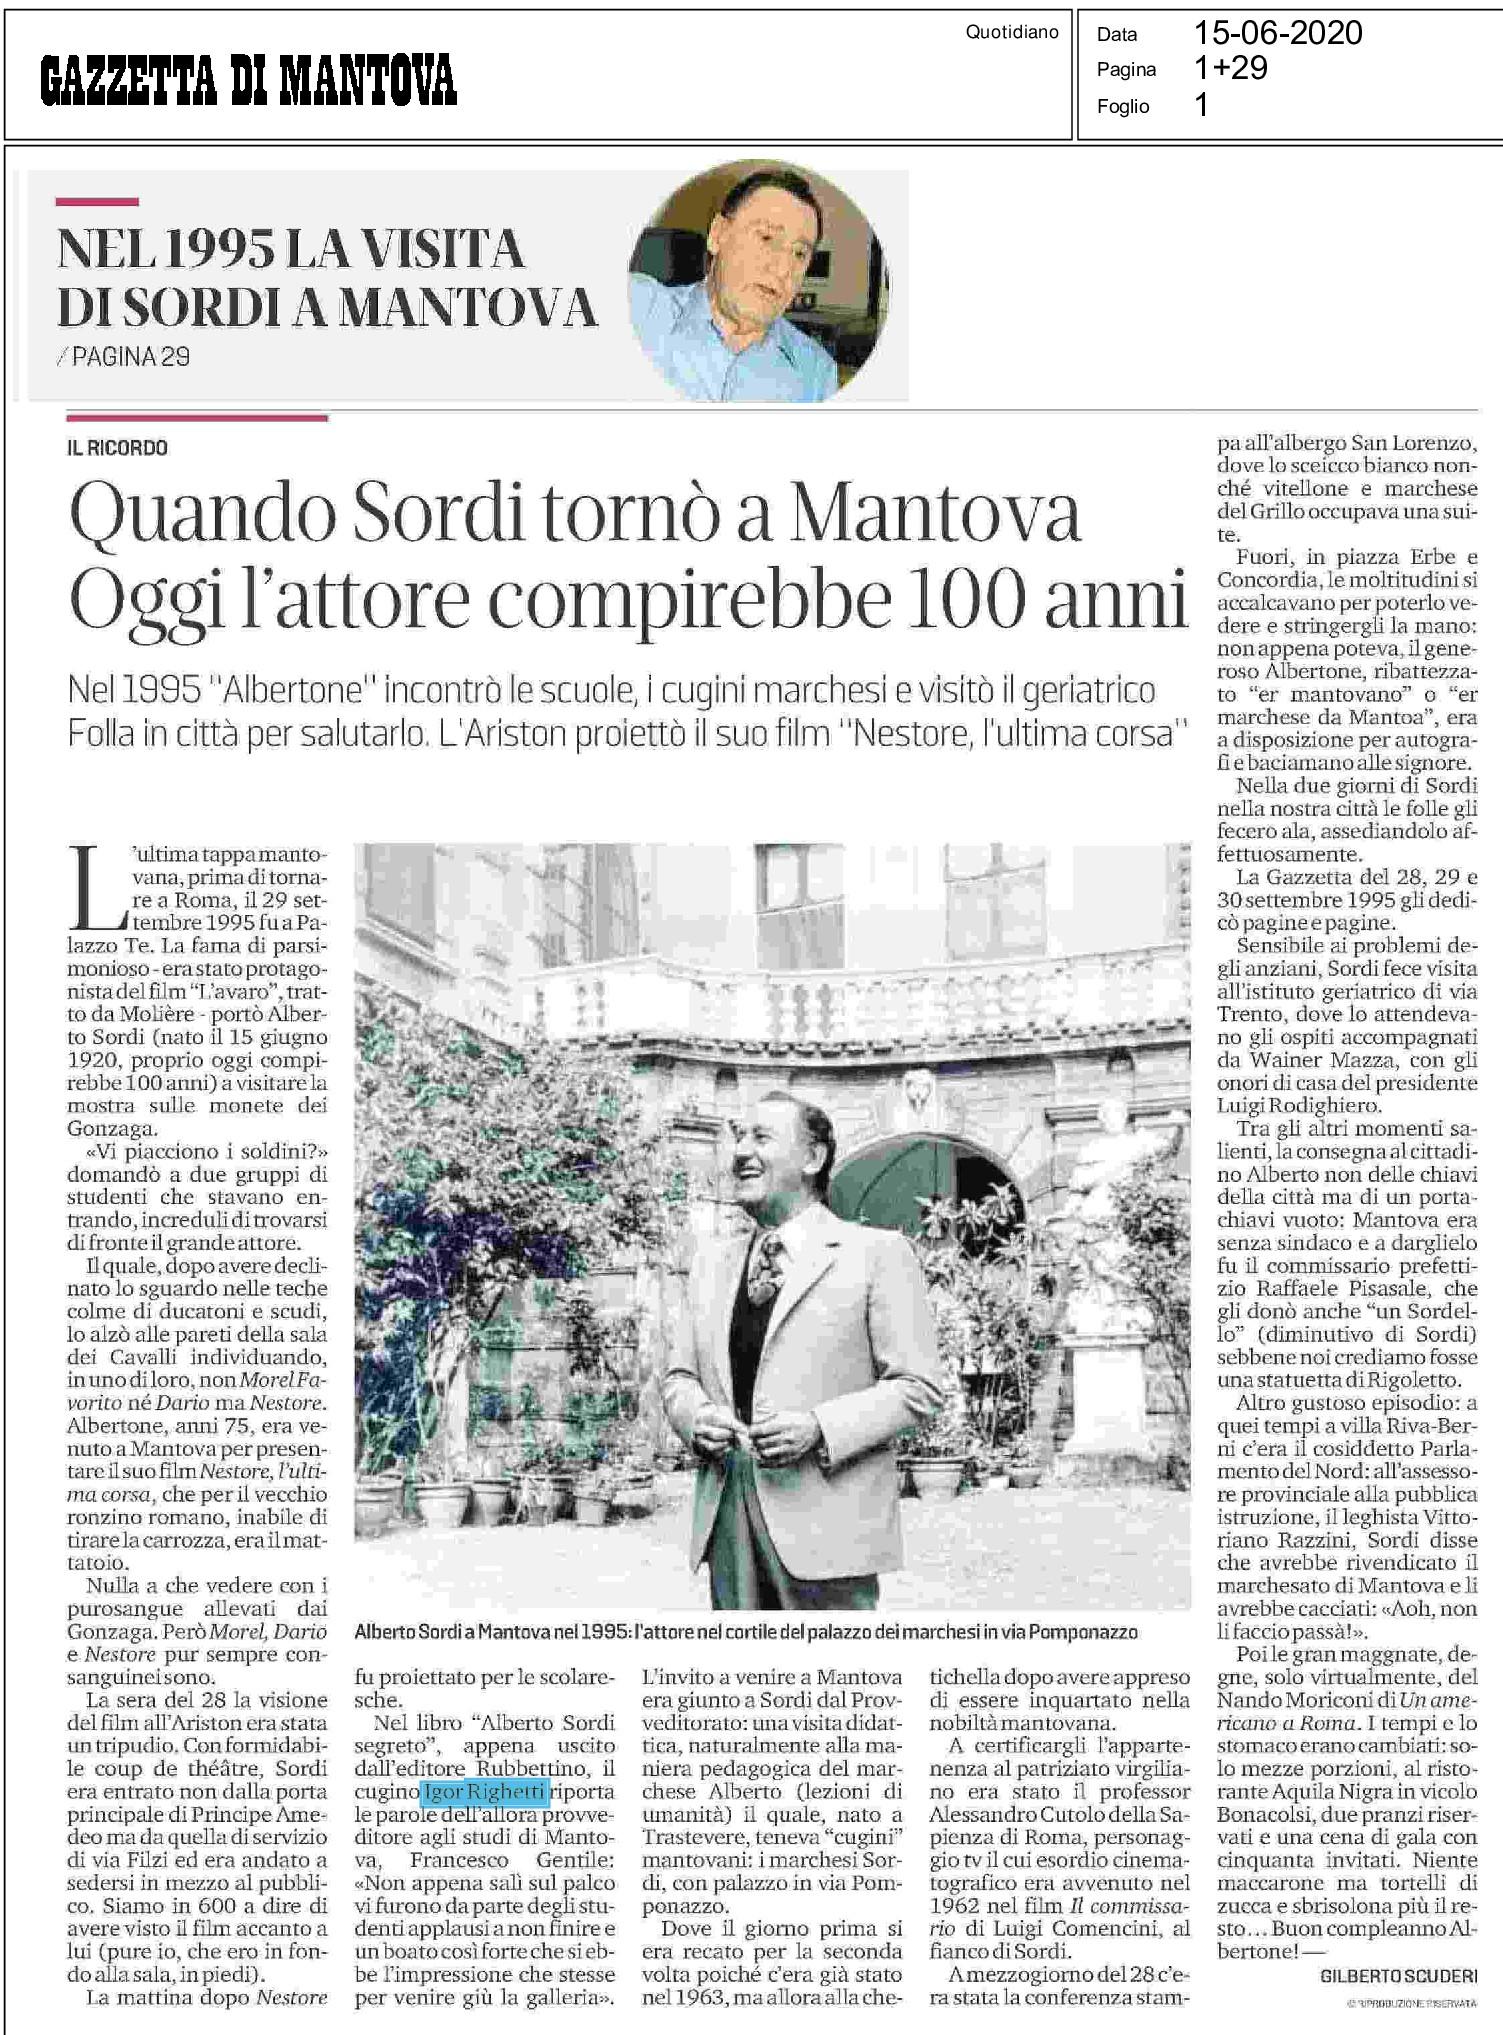 Quando Sordi tornò a Mantova. Oggi l'attore compirebbe 100 anni (La Gazzetta di Mantova)